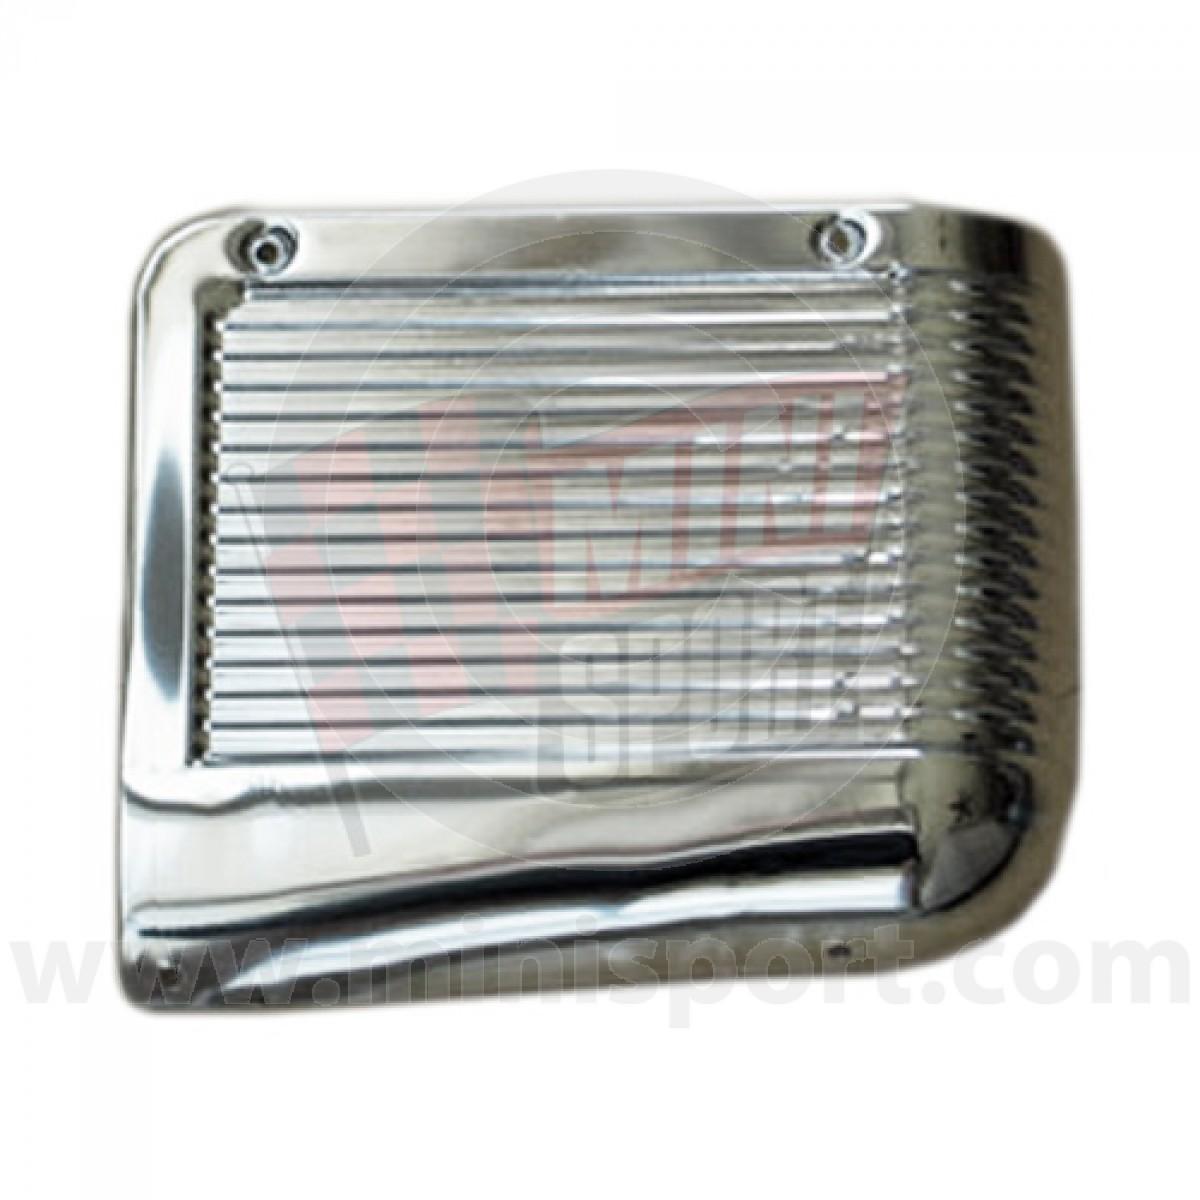 14a7177 Mini Door Kick Plate Interior Trim Minisport Mini